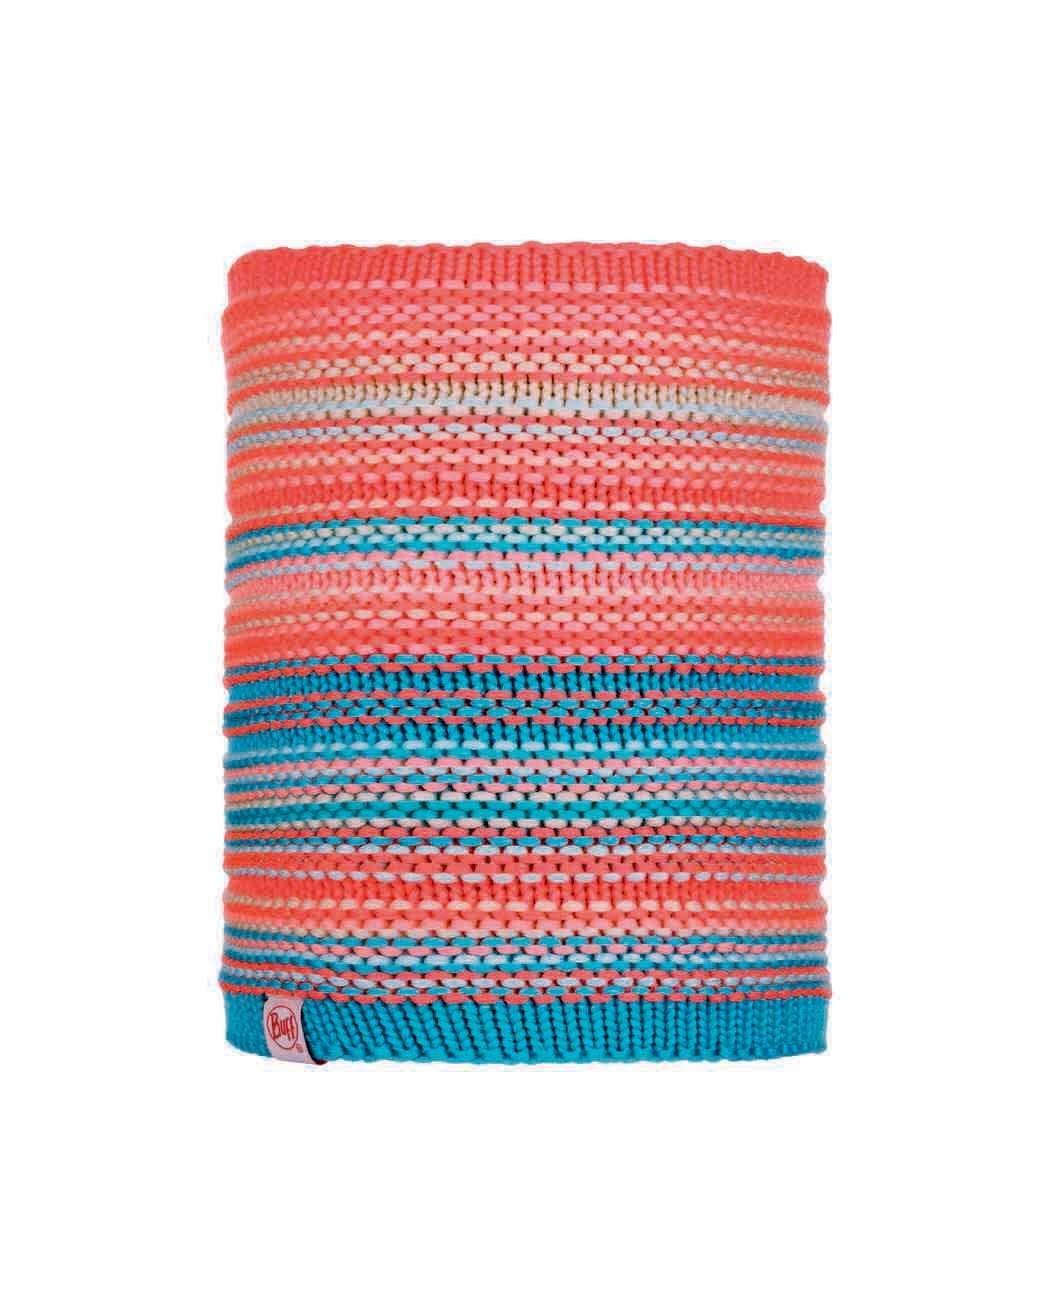 Шарф-труба вязаный с флисовой подкладкой детский Buff Neckwarmer Knitted Polar Amity Coral Pink Jr